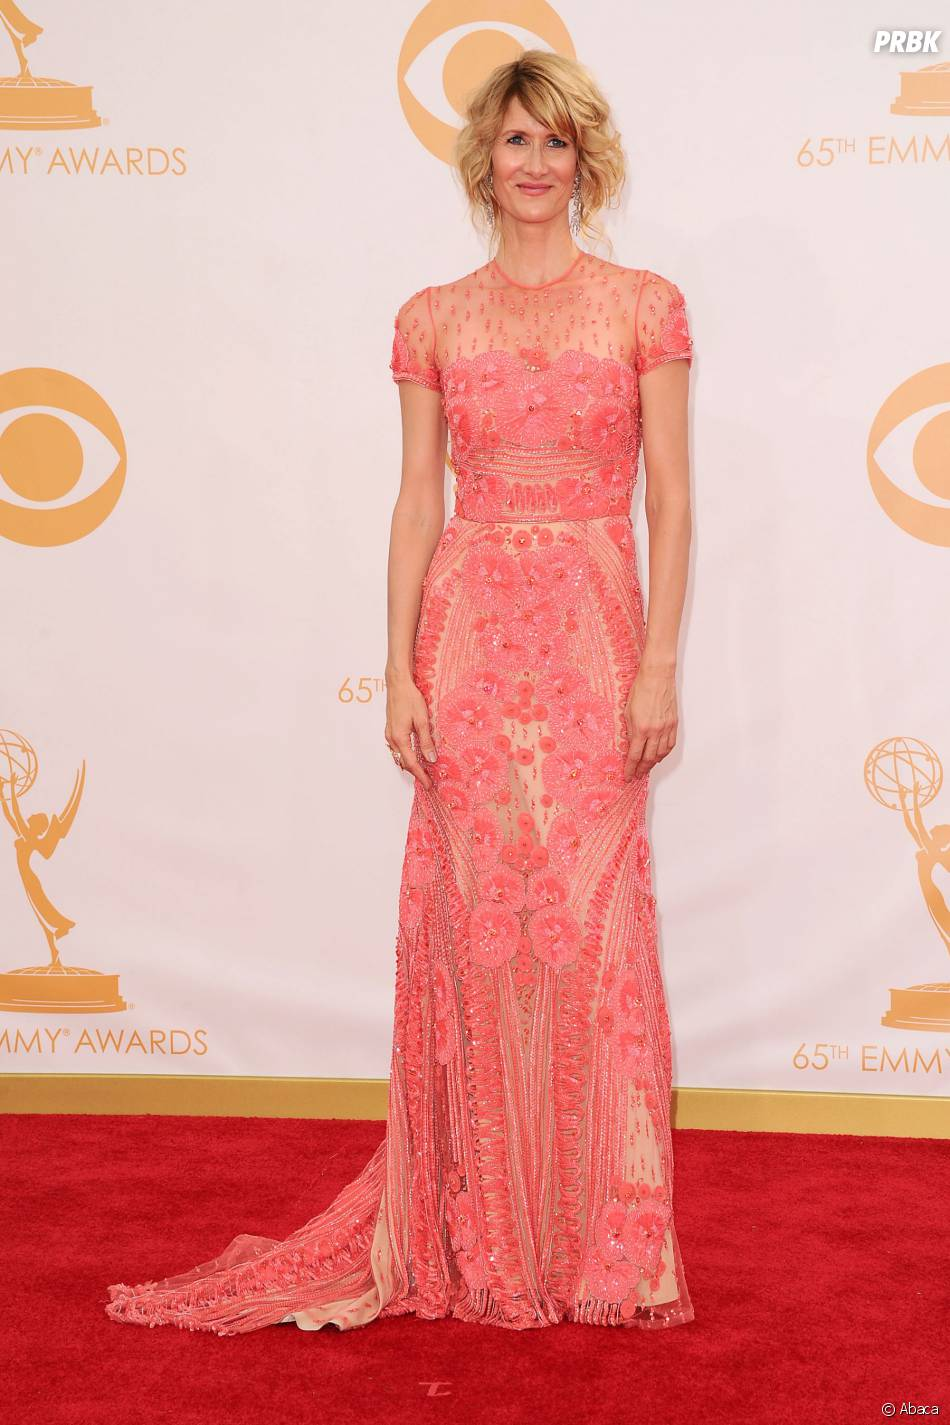 Laura Dern aux Emmy Awards 2013 le 22 septembre 2013 à Los Angeles